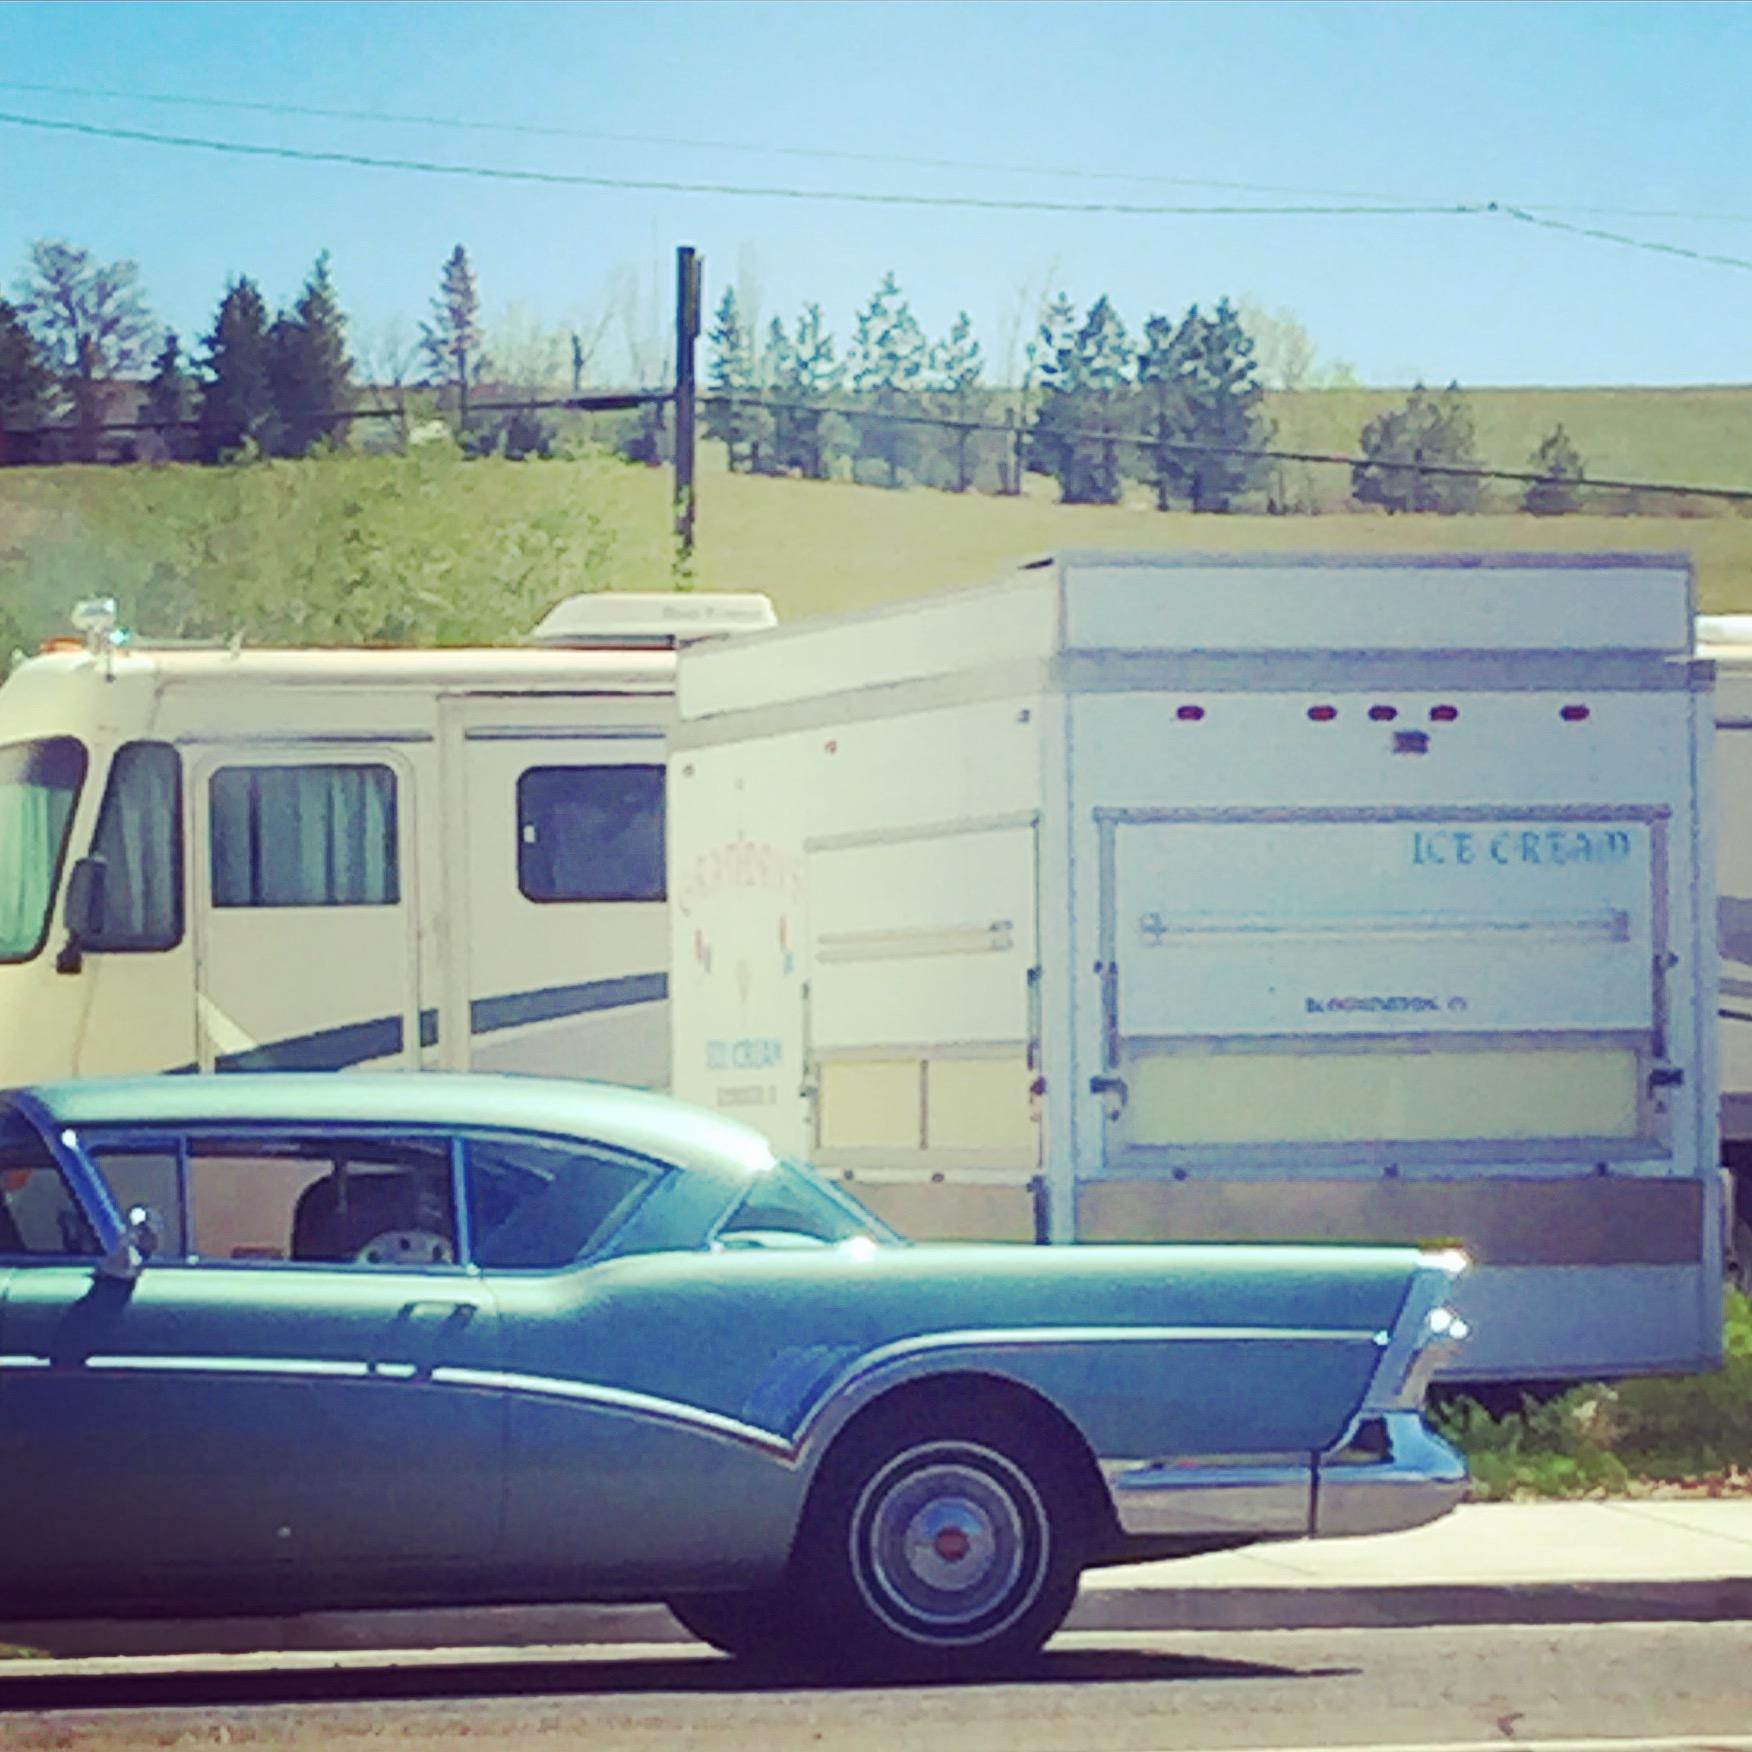 Vintage Buick & Ice Cream Truck, Washtucna, WA